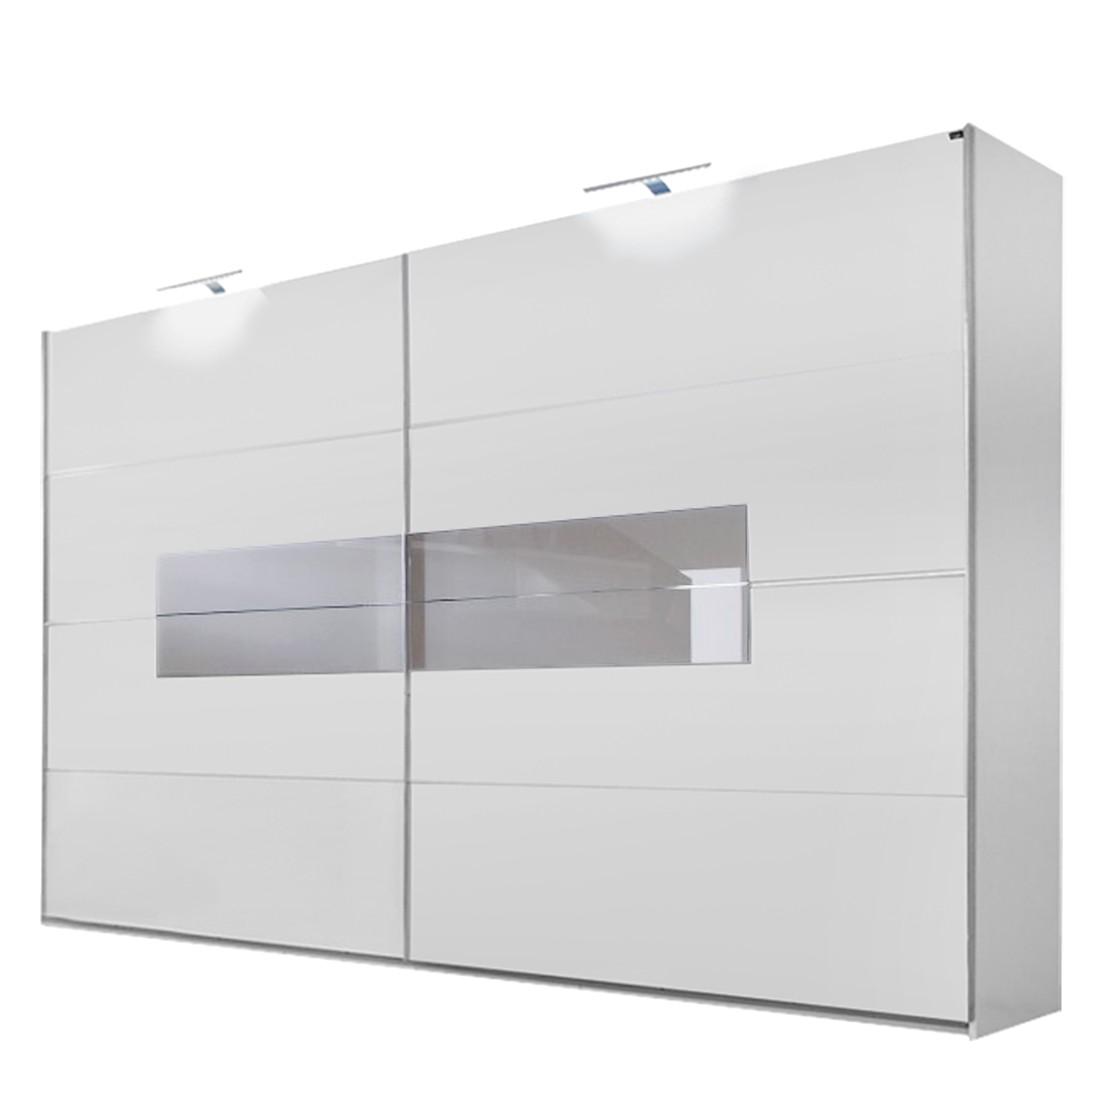 Schwebetürenschrank Advantage – Alpinweiß/SandGrau/Glas Sahara Grau – Schrankbreite: 200 cm – 2-türig, fresh to go online kaufen